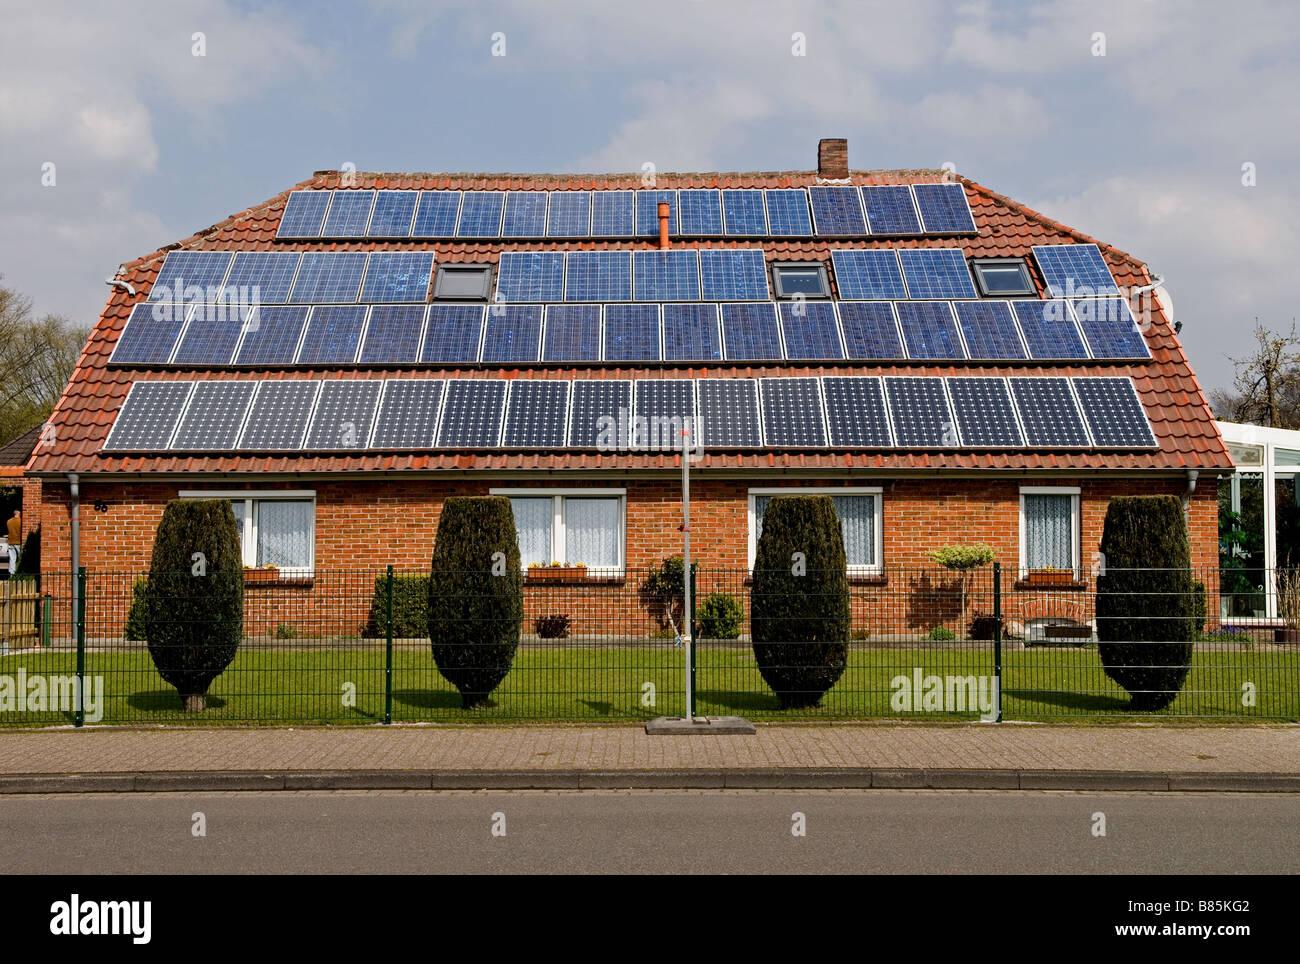 Energia solare house, Oldenburg, Bassa Sassonia, Germania. Immagini Stock